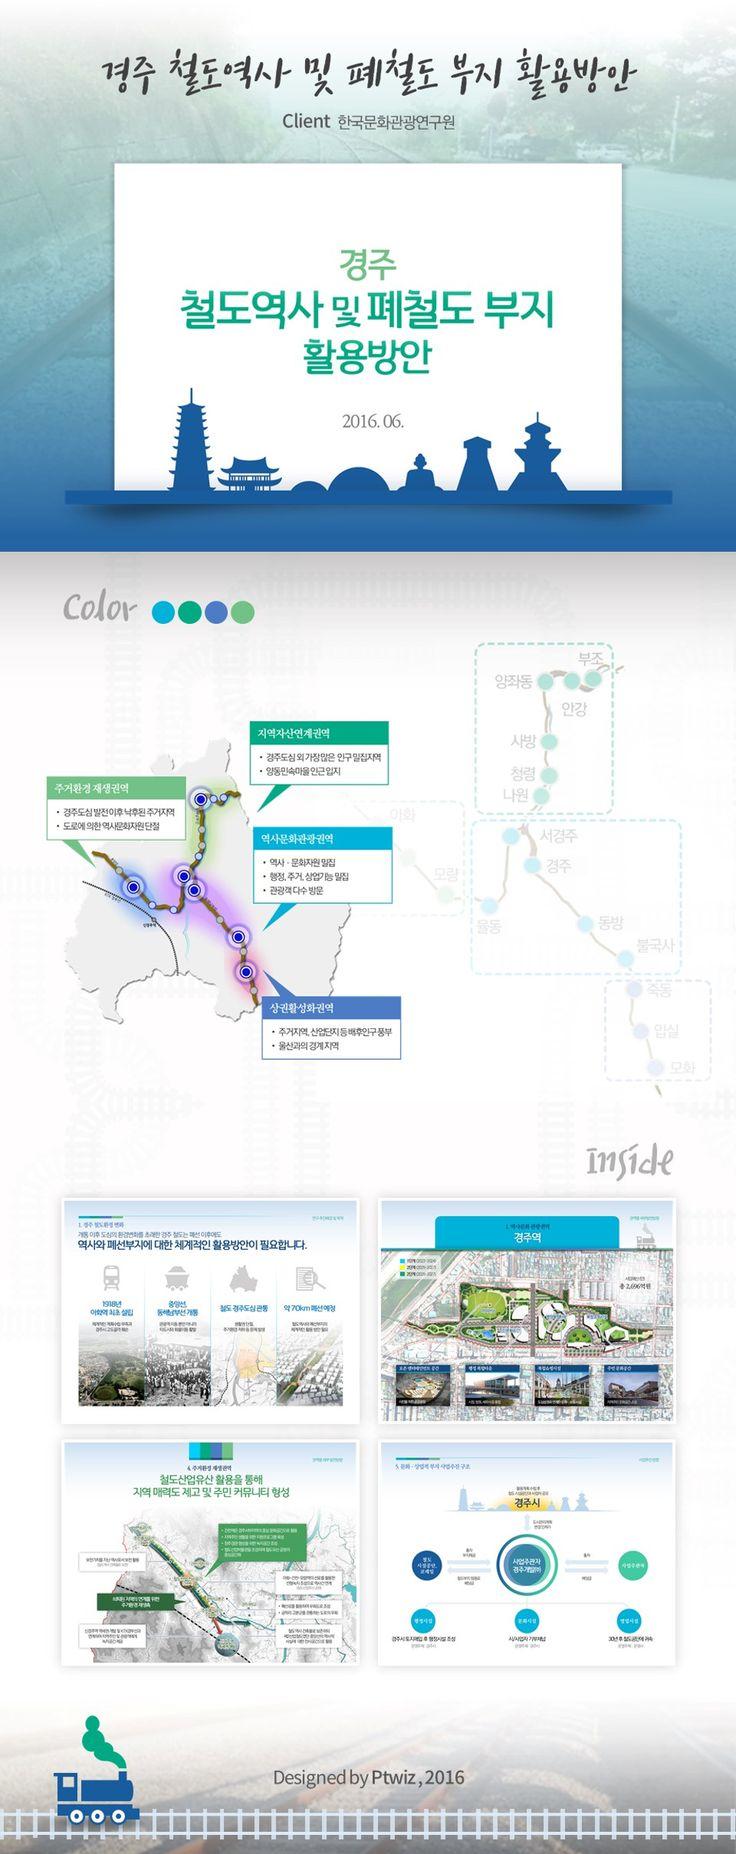 경주 철도부지 활용방안 / Presentation Design by PTWIZ / Client : 한국문화관광연구원